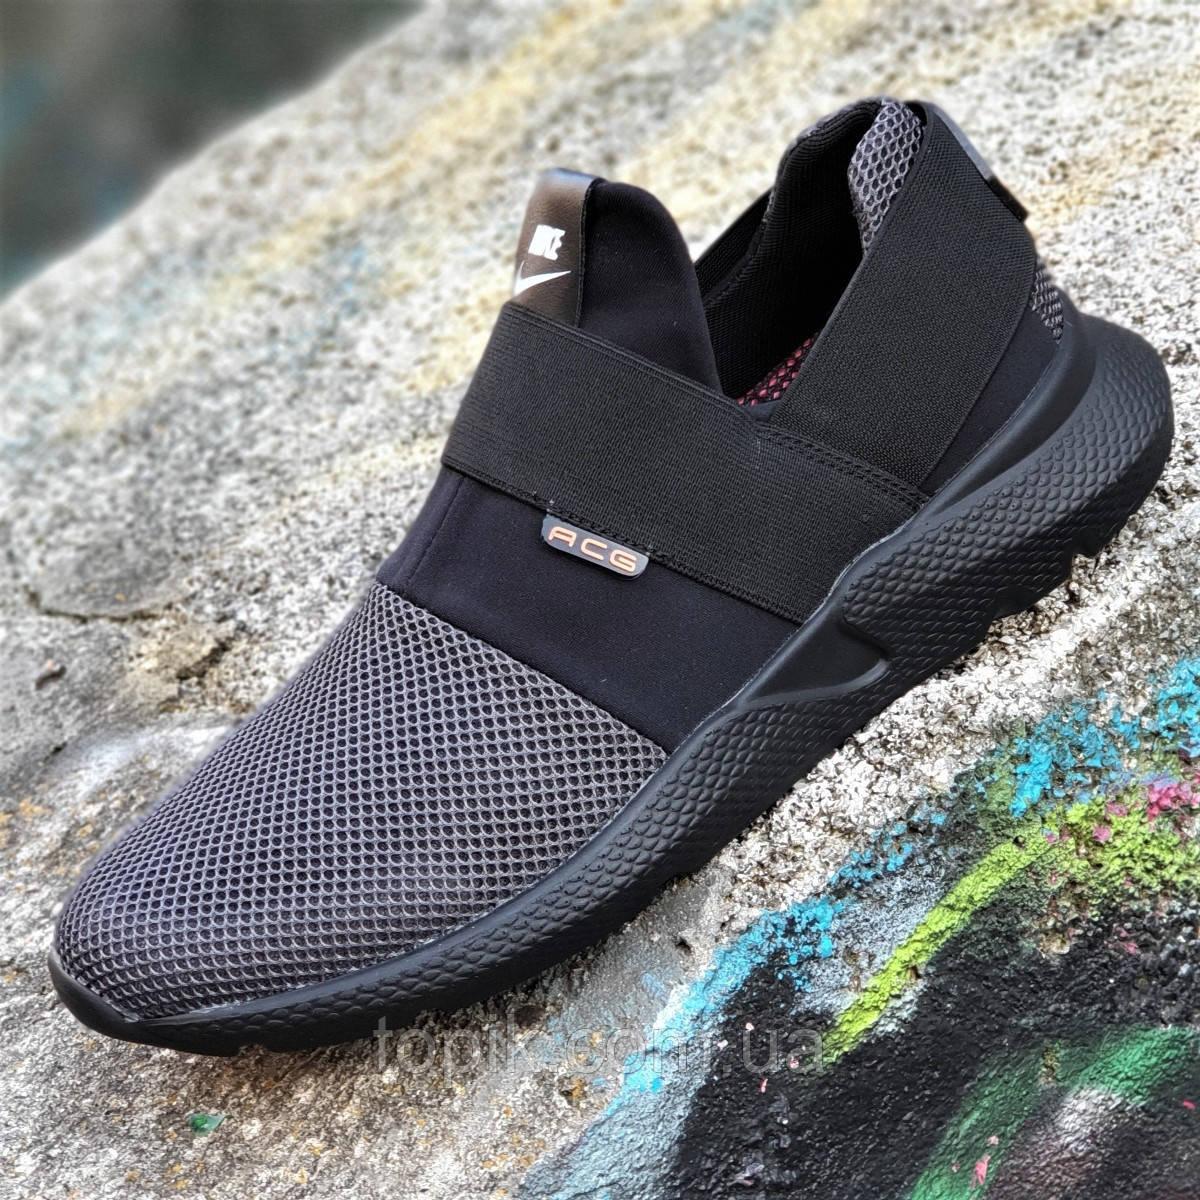 Стильные мужские кроссовки черные, серая сетка, усиленный носок и пятка, мягкие и удобные (Код: 1364)